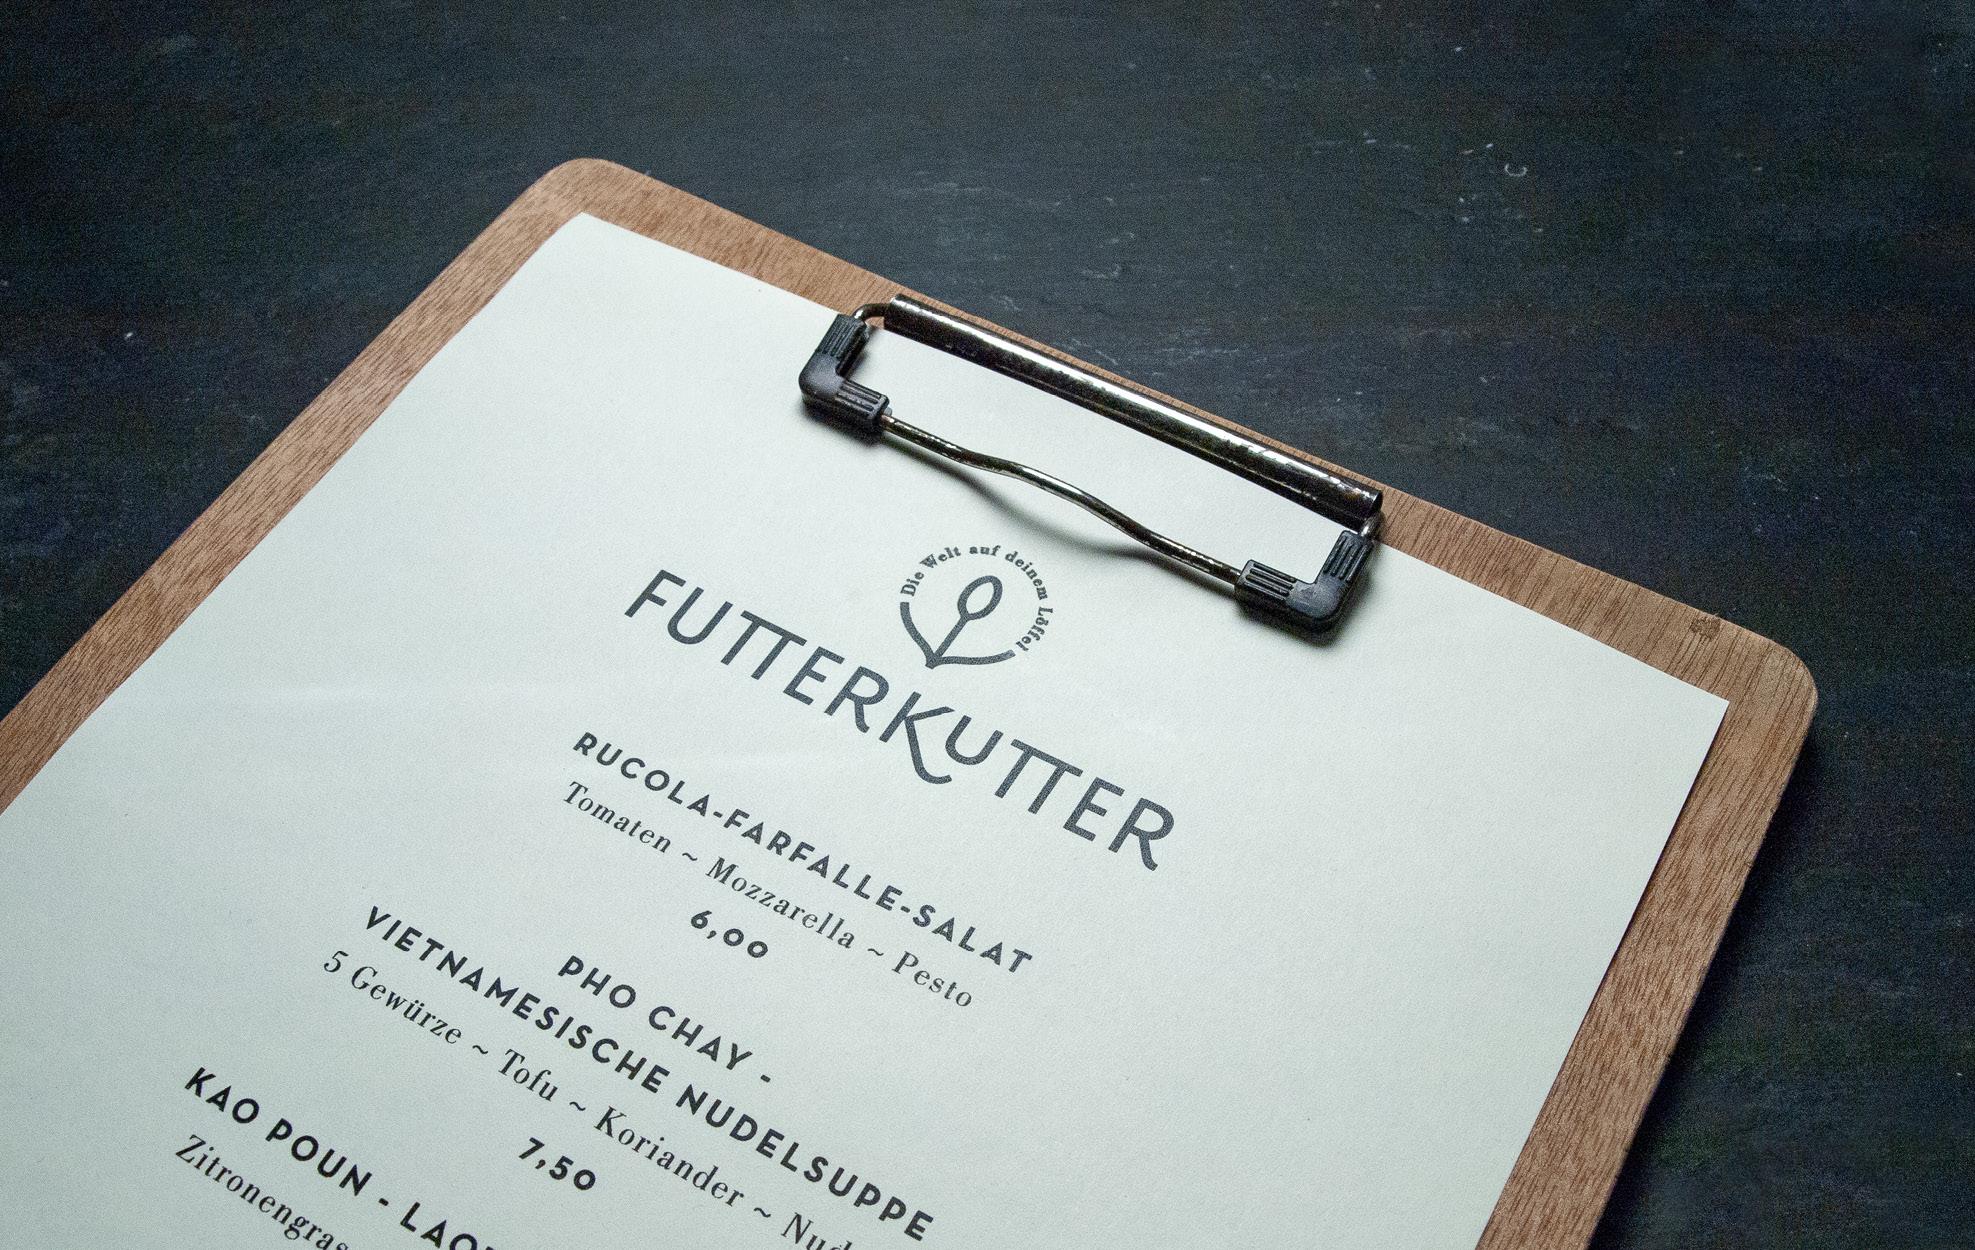 grafik-design-futterkutter-7